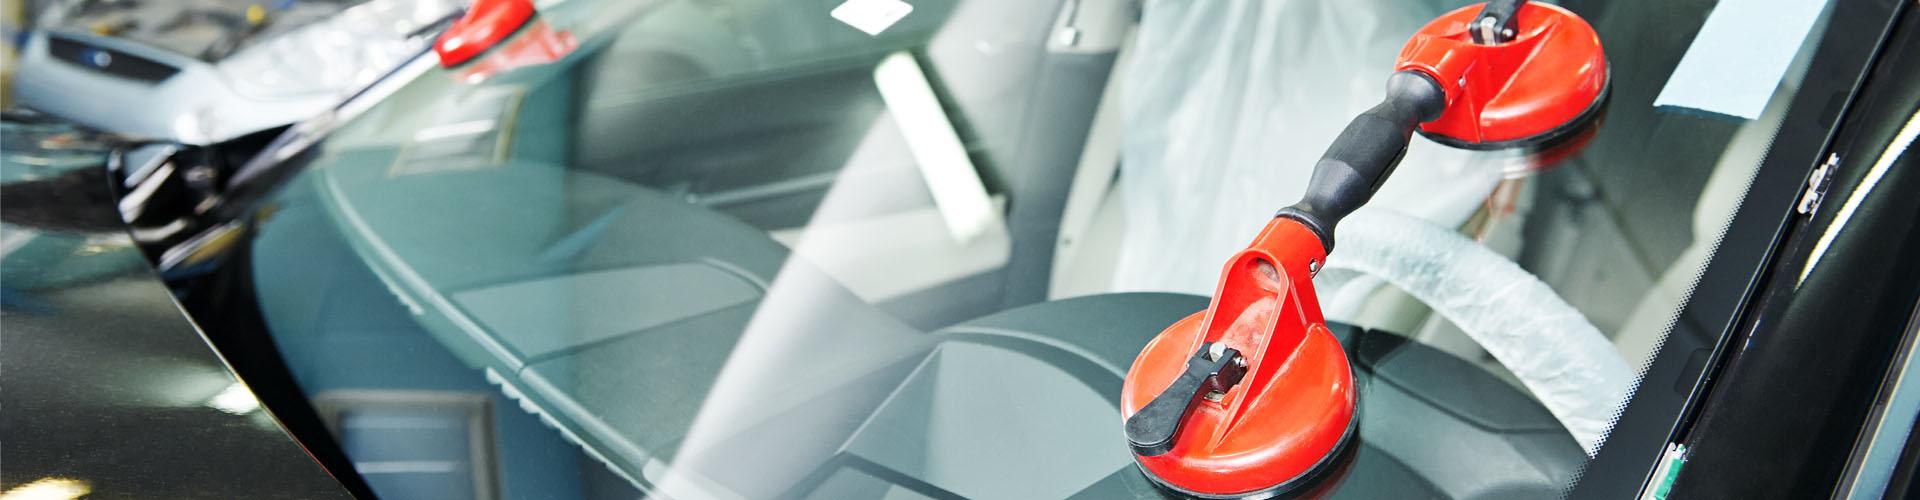 Mamy 30 lat doświadczenia w sprzedaży i w montażu szyb samochodowych